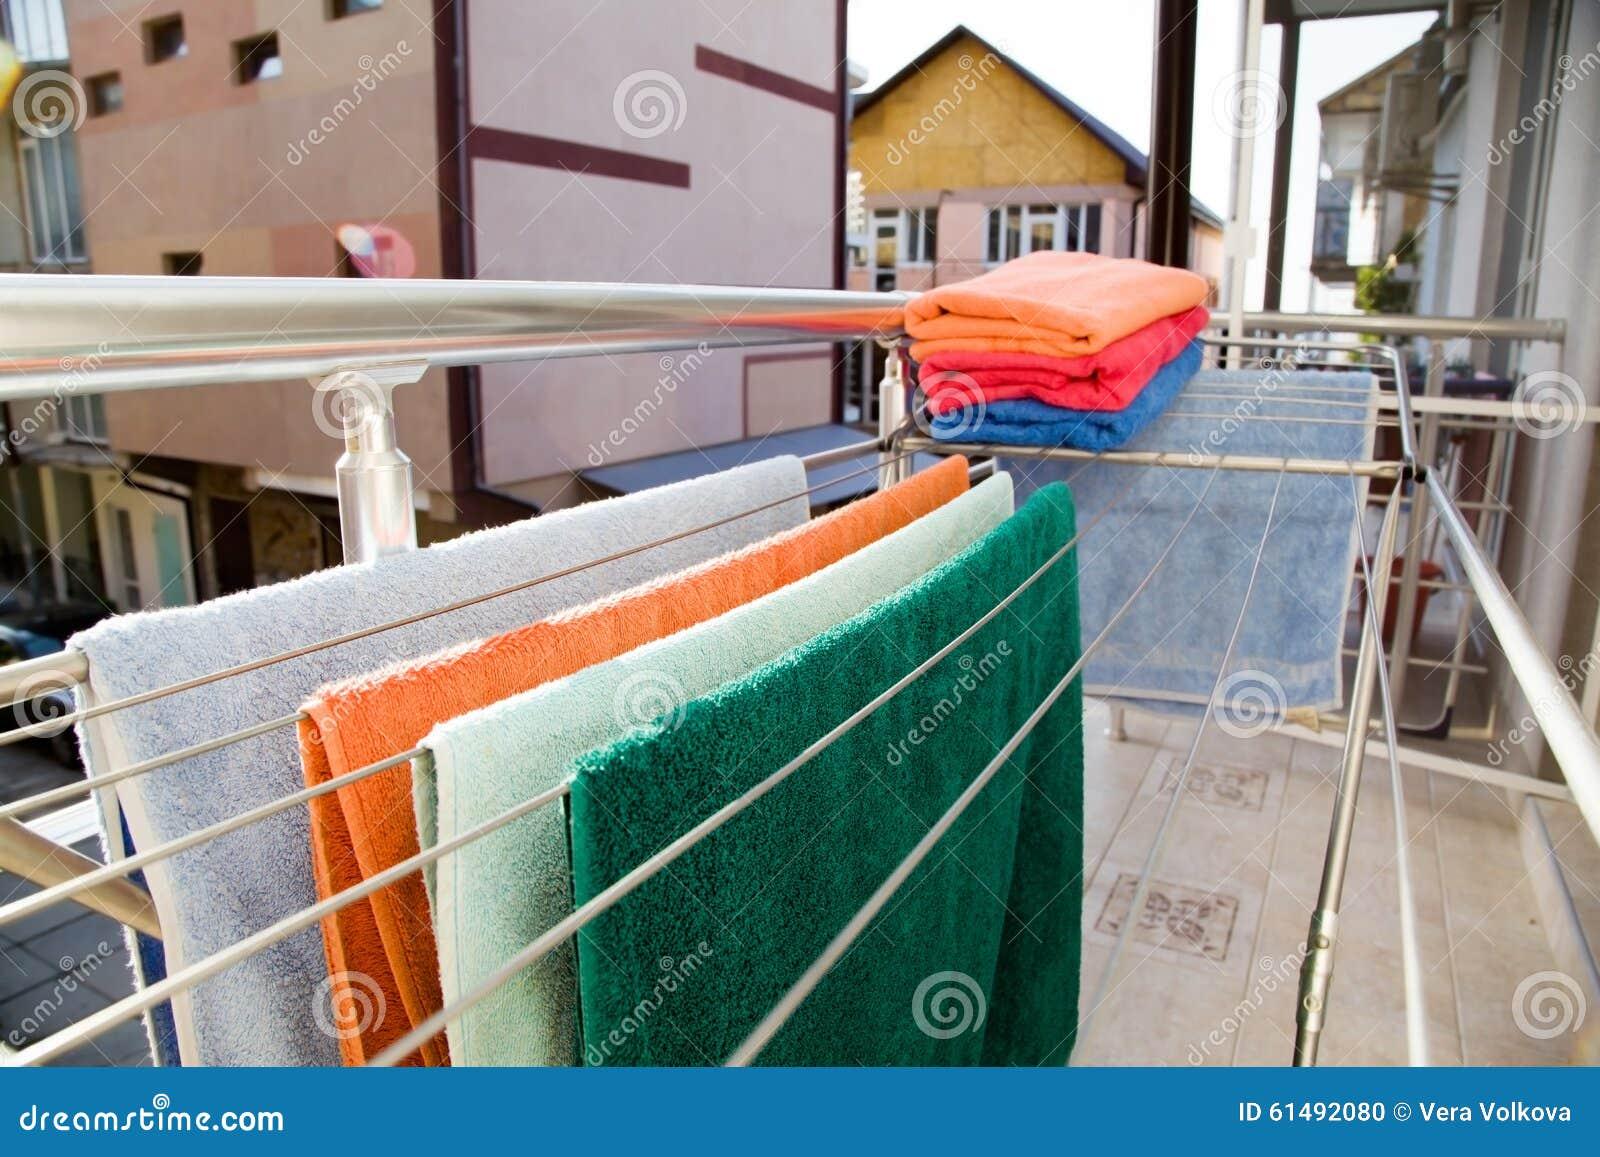 Wäschetrockner Mit Tüchern Auf Dem Balkon Stockfoto - Bild von ...